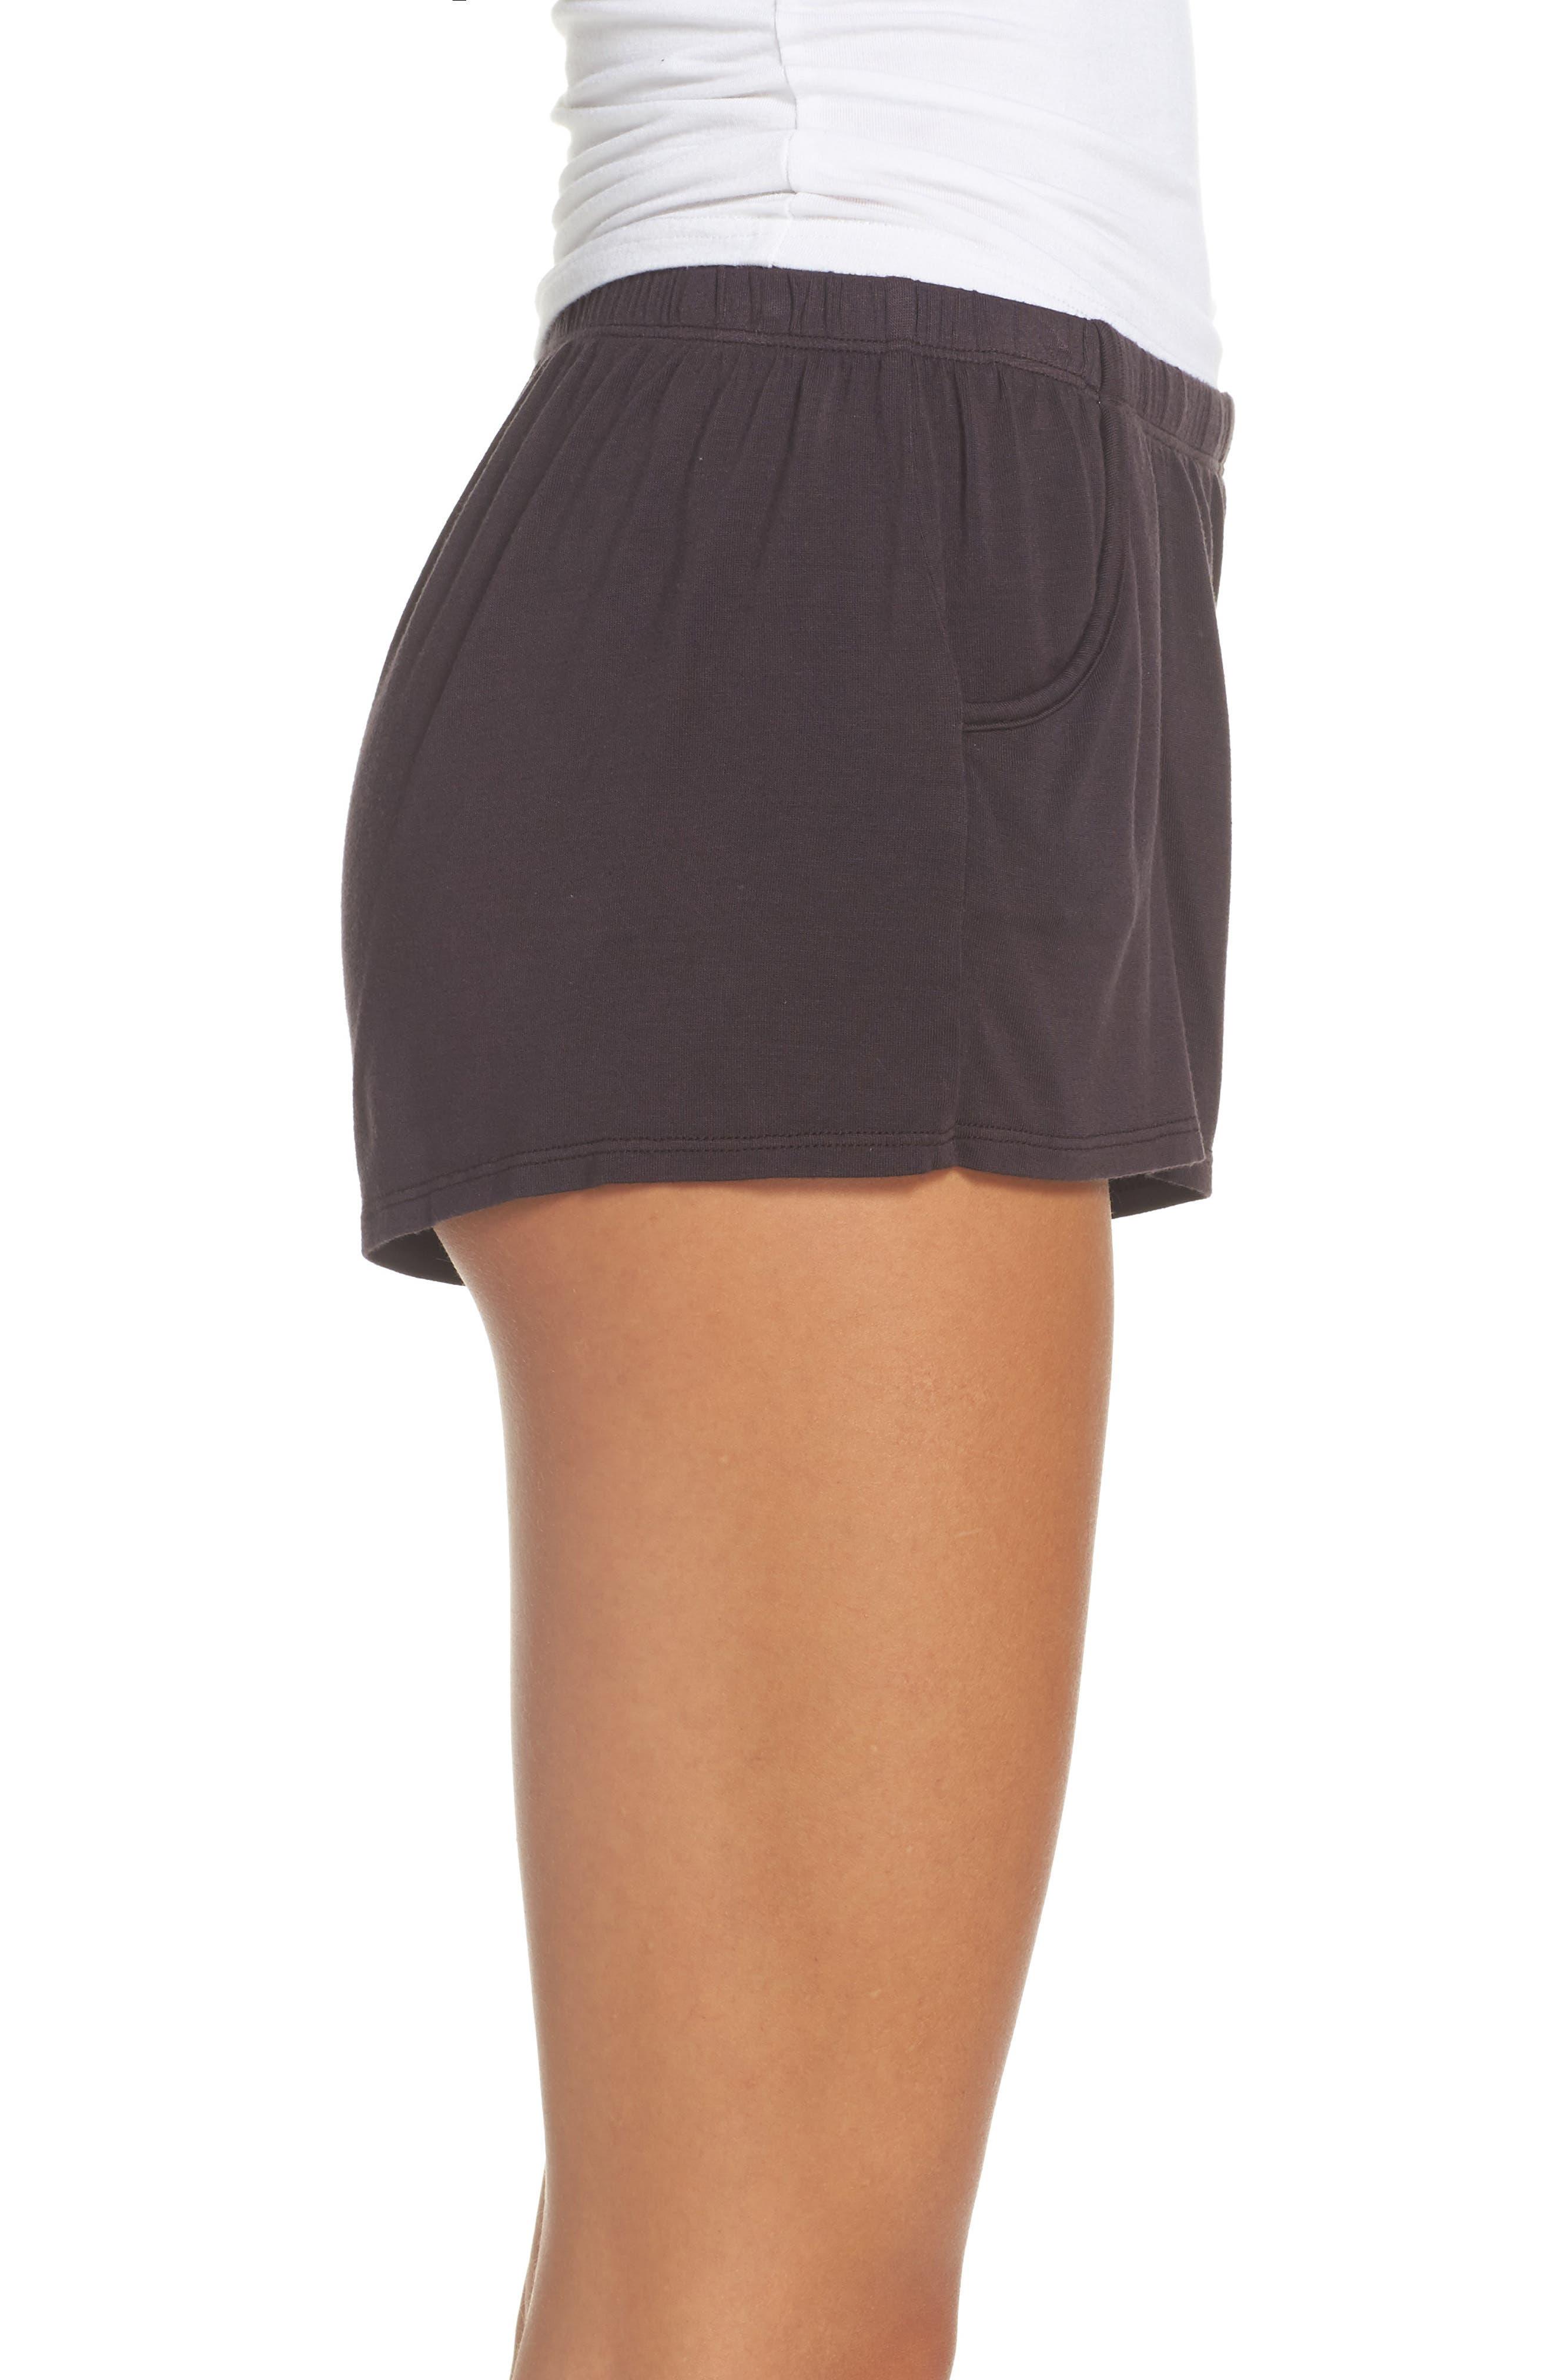 Alternate Image 3  - Olympia Theodora Tammy Lounge Shorts